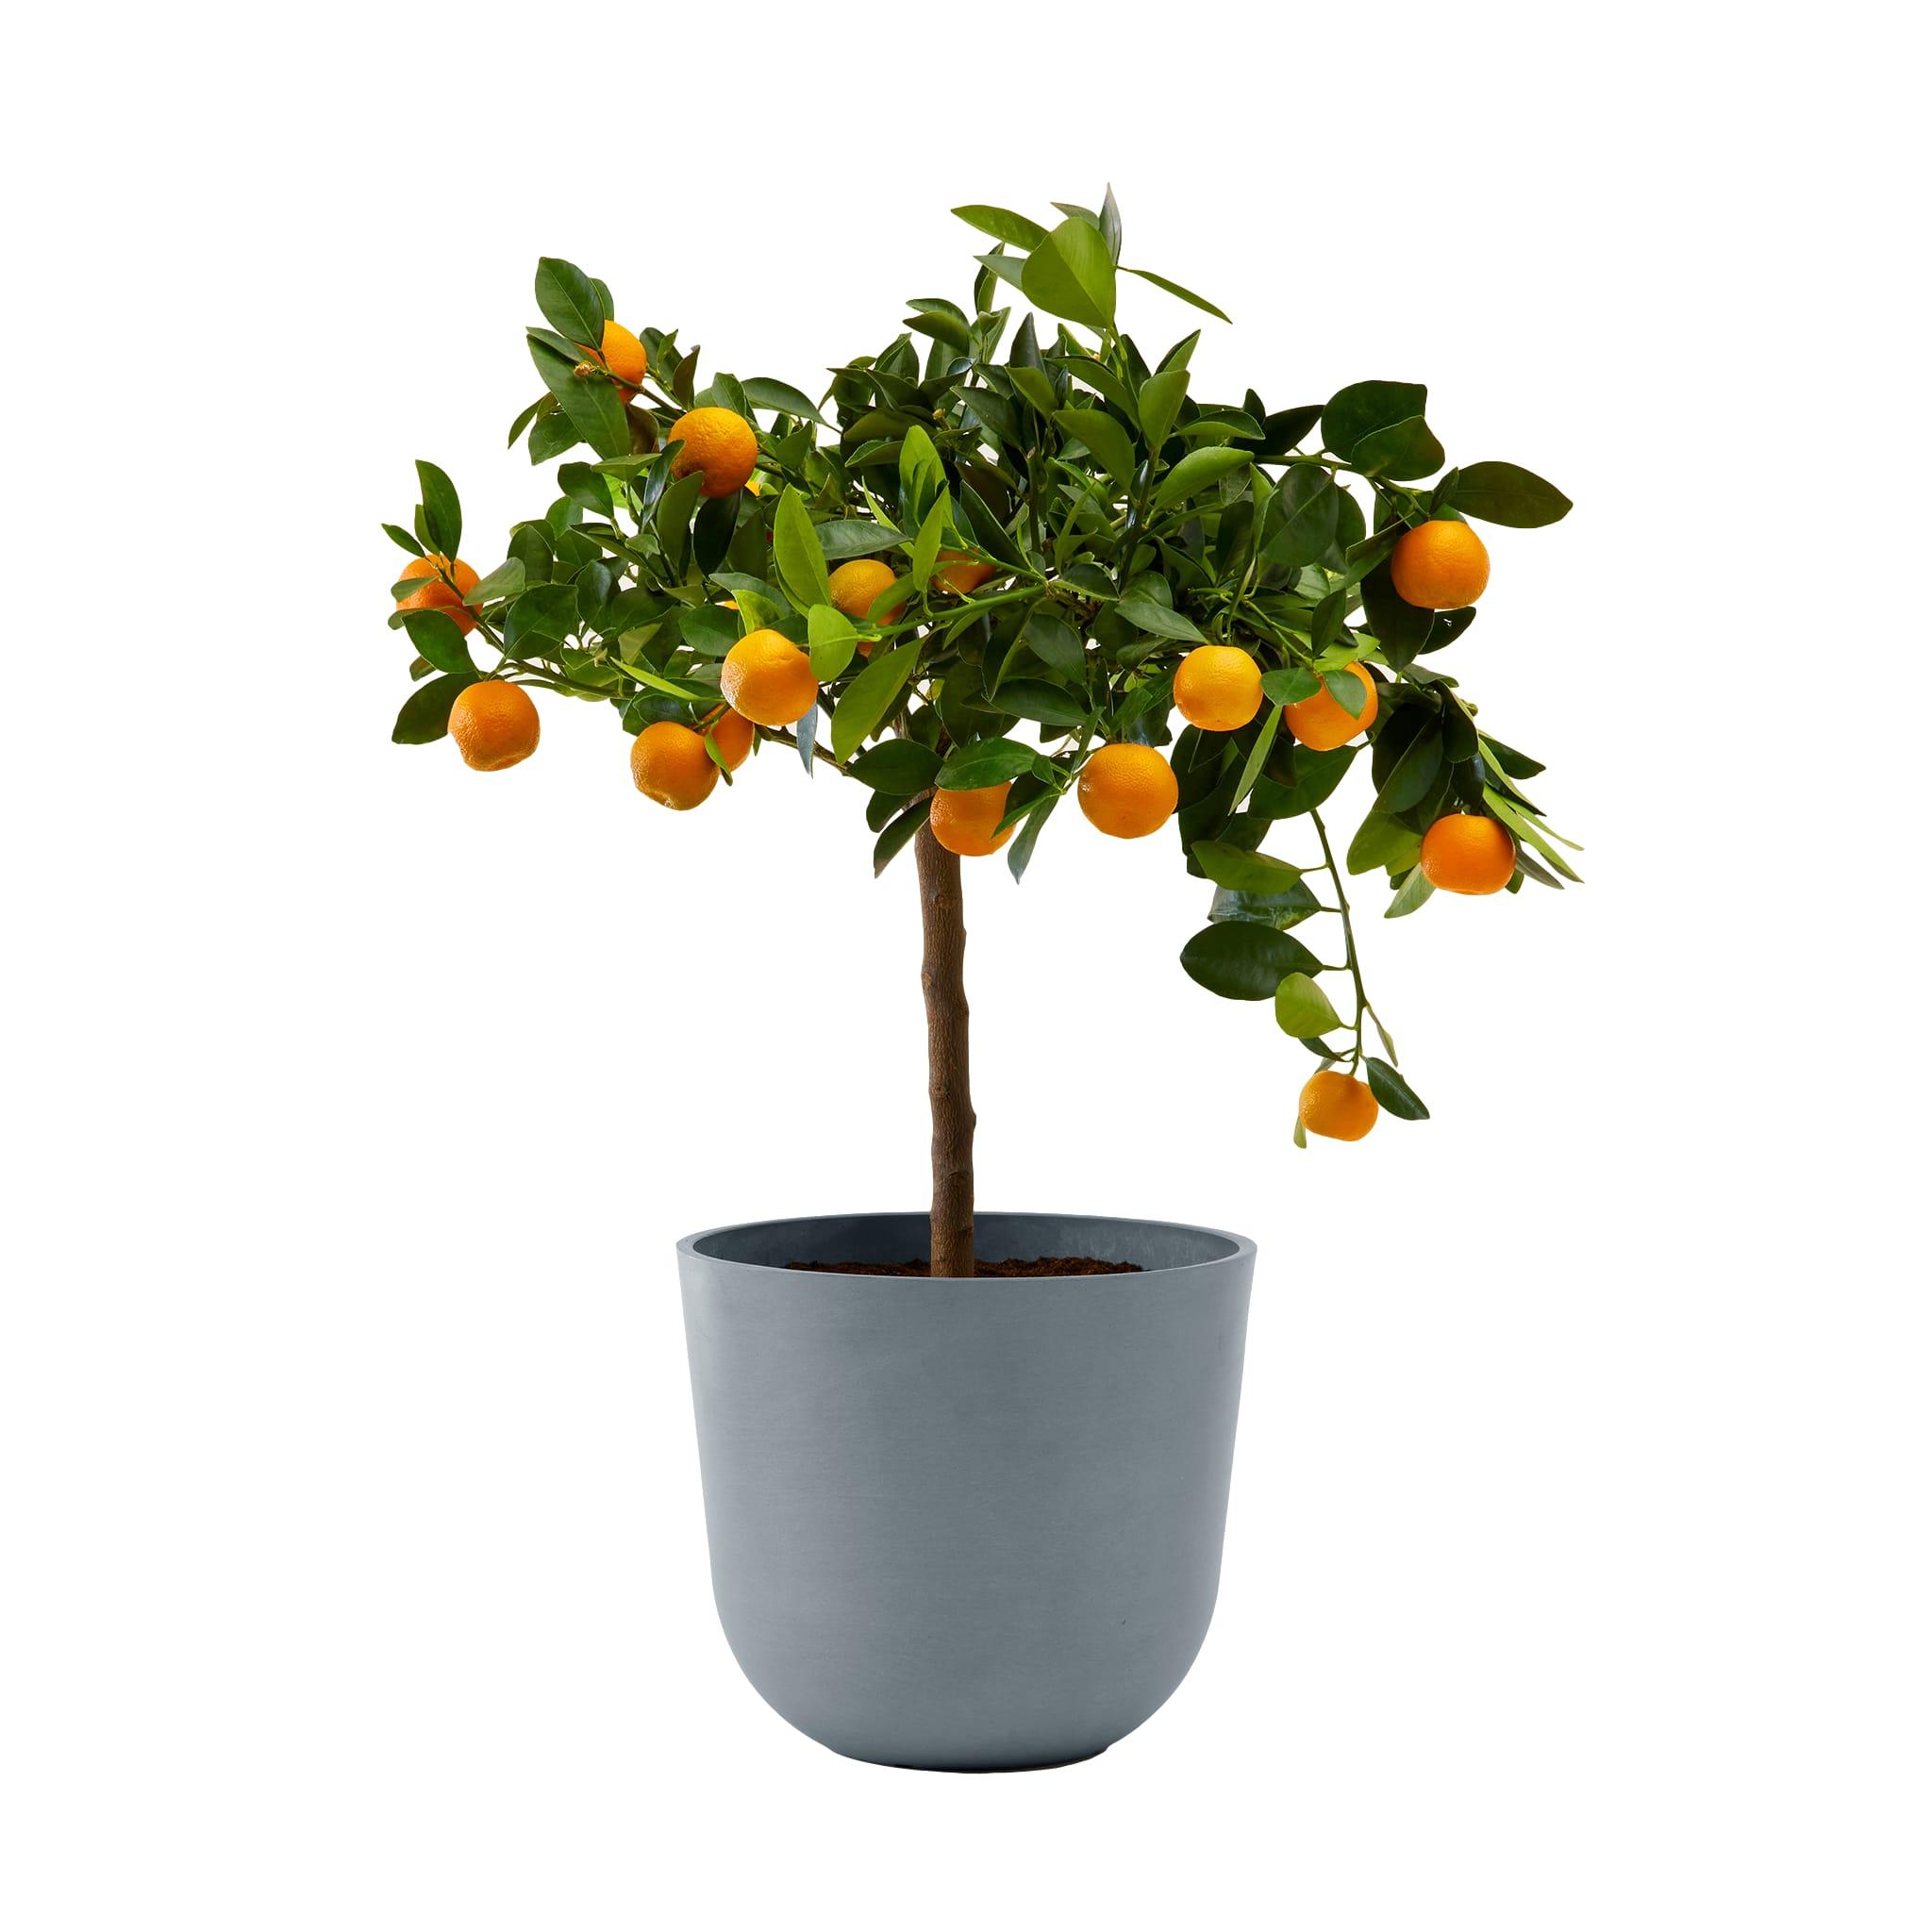 Plante d'intérieur- Calamondin 75 cm en pot bleu gris